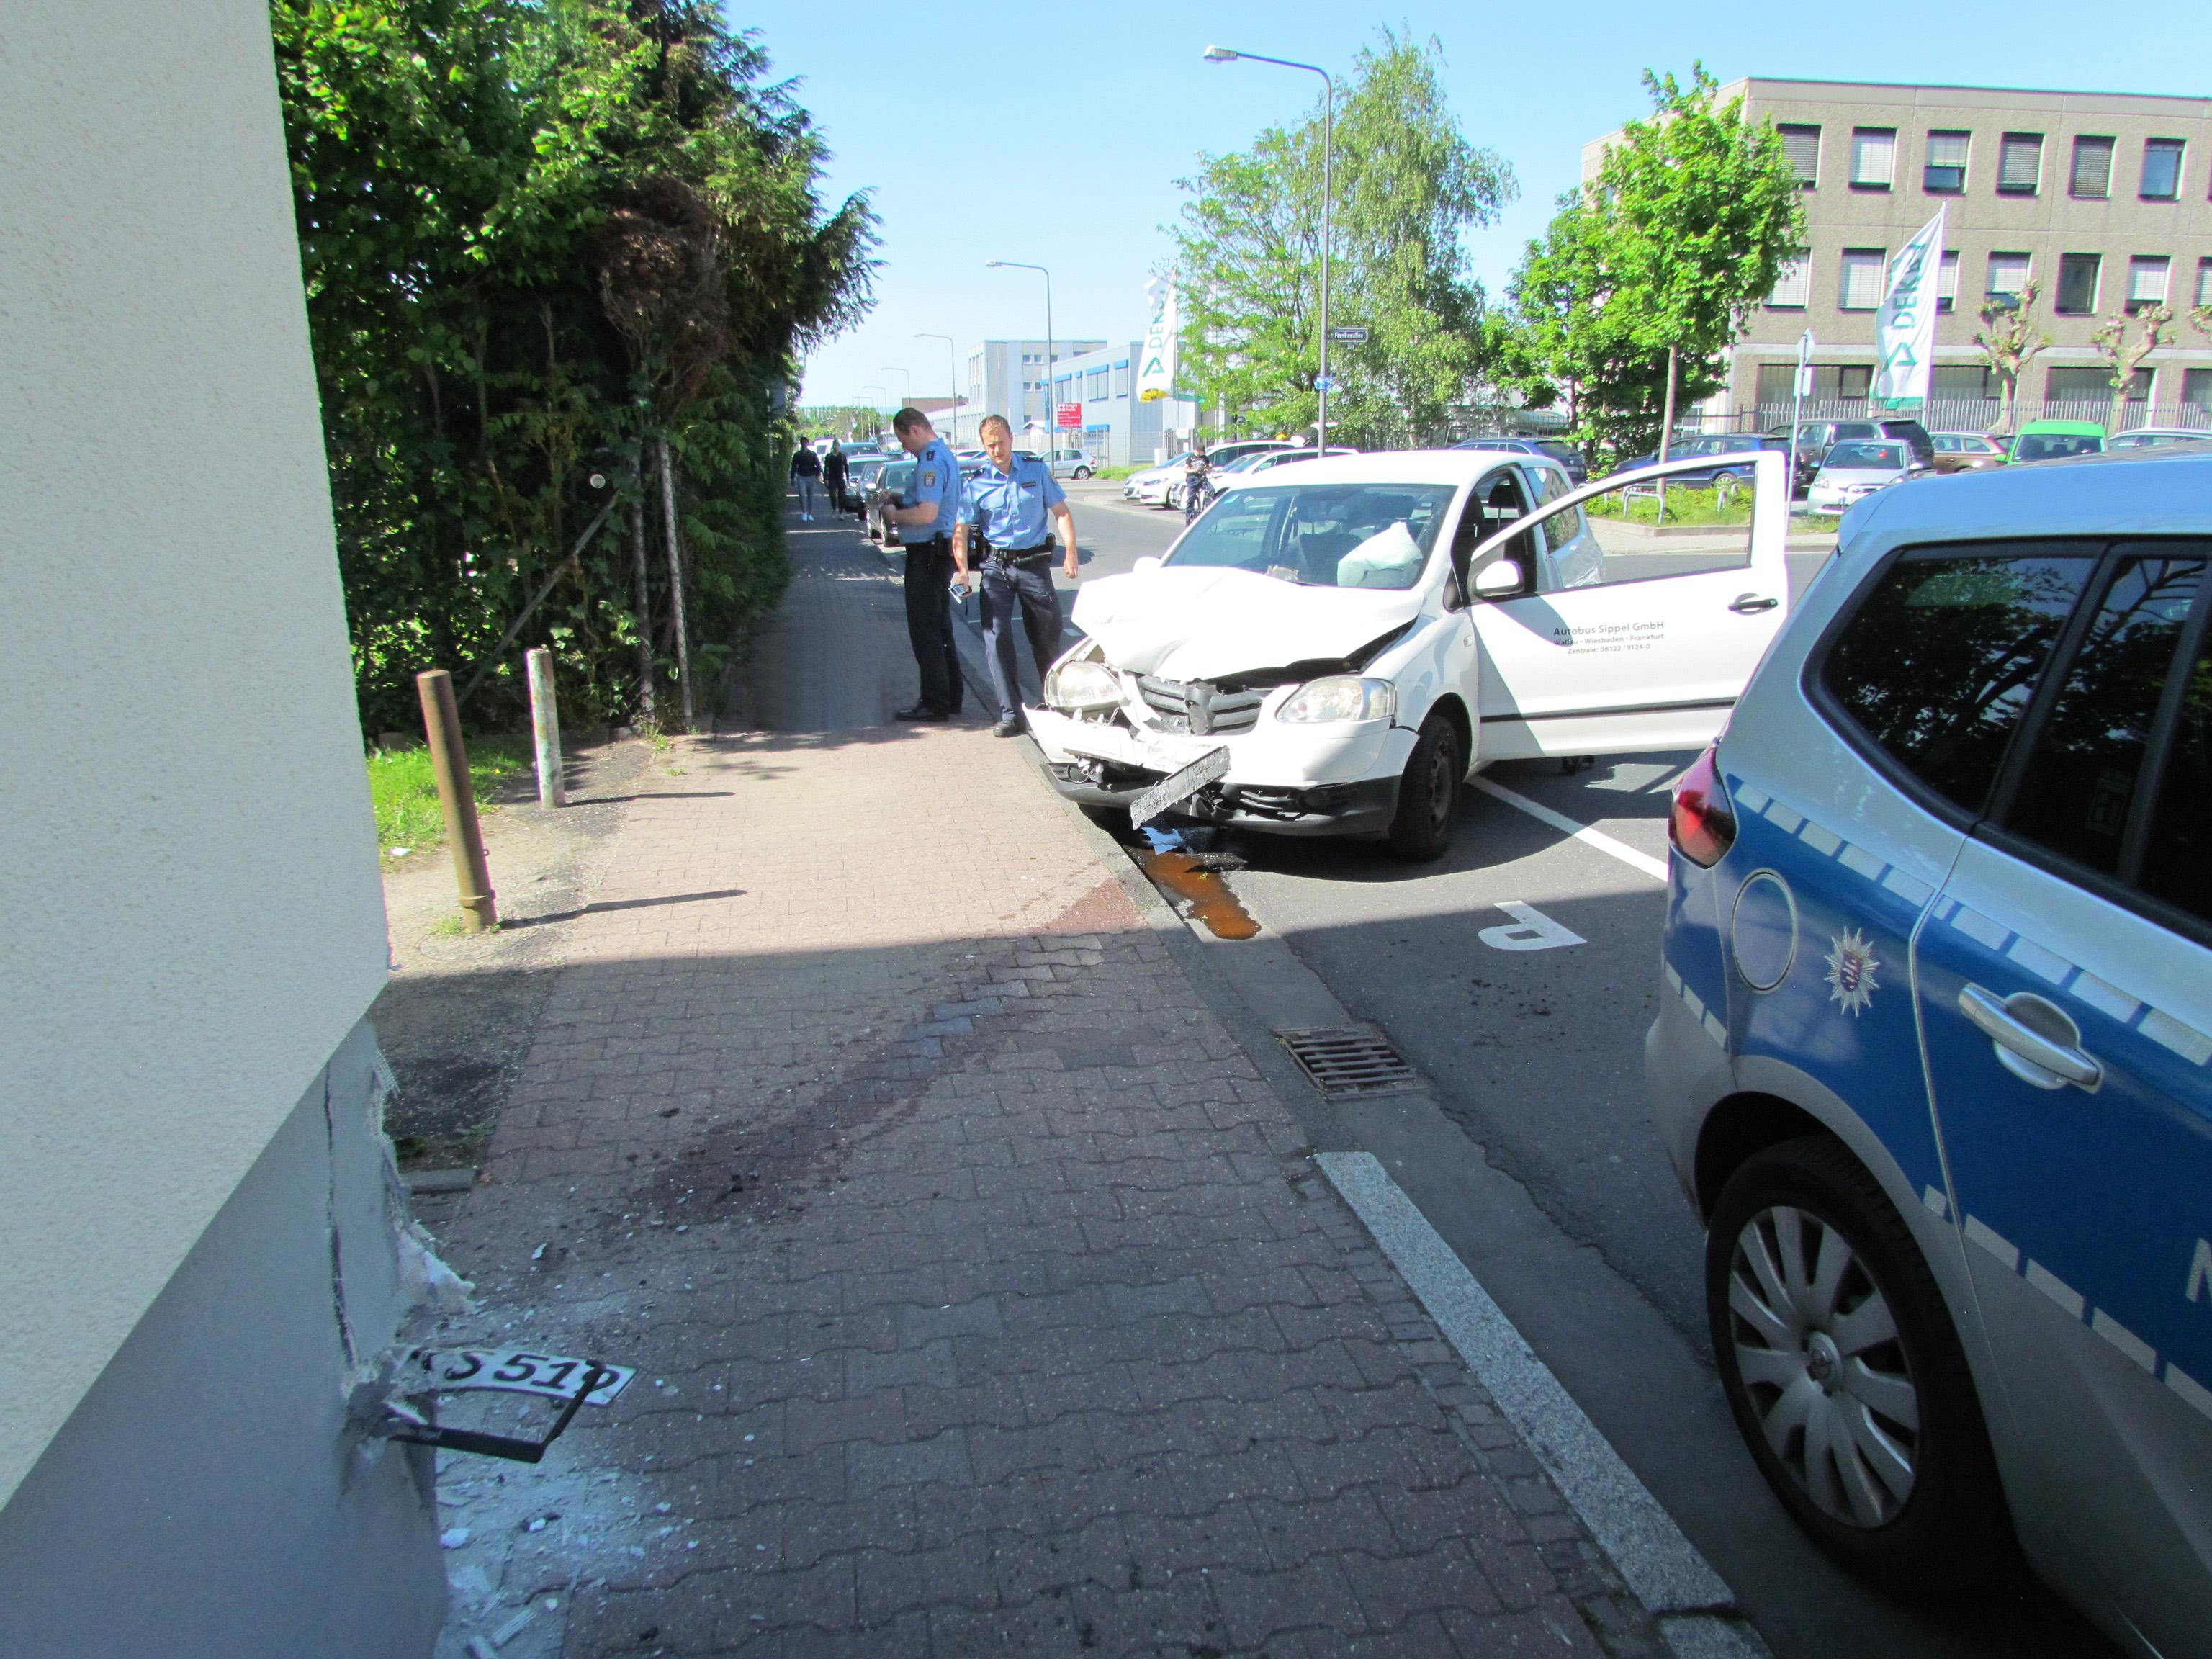 Zu schnell gefahren: Frankfurt-Griesheim: Auto kracht in Polizeirevier